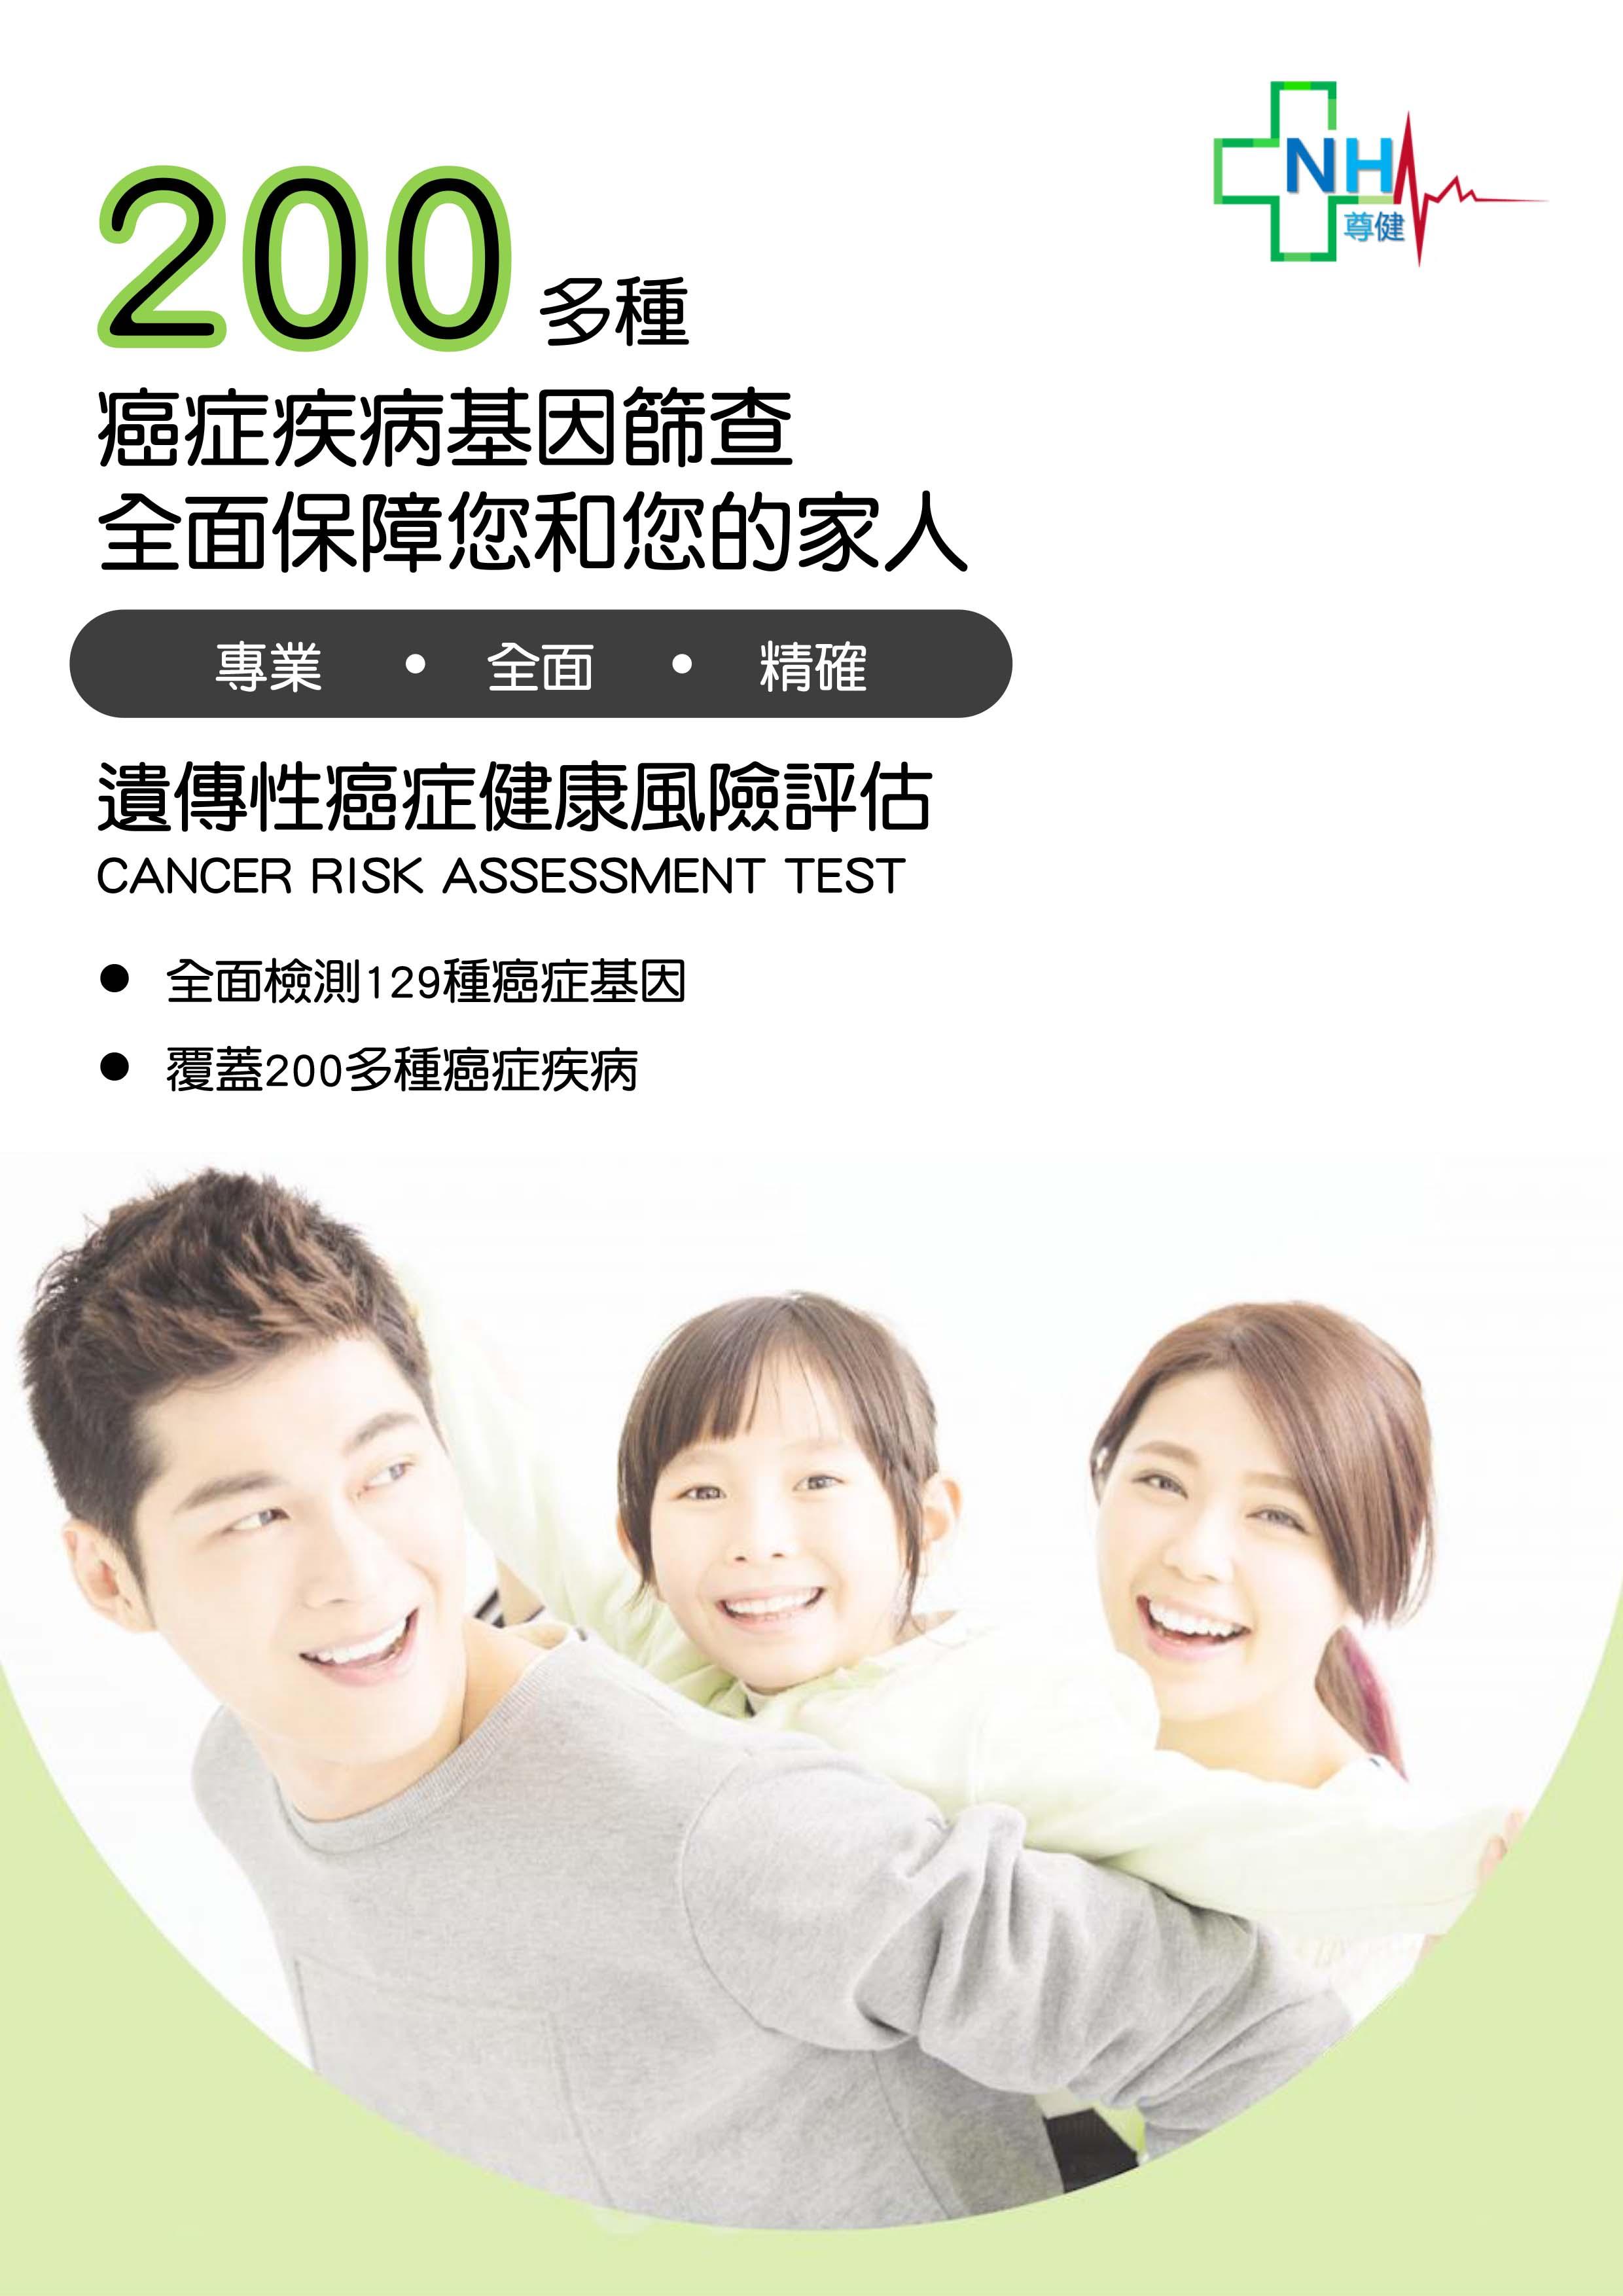 cancer-risk-assessment-test-1.jpg